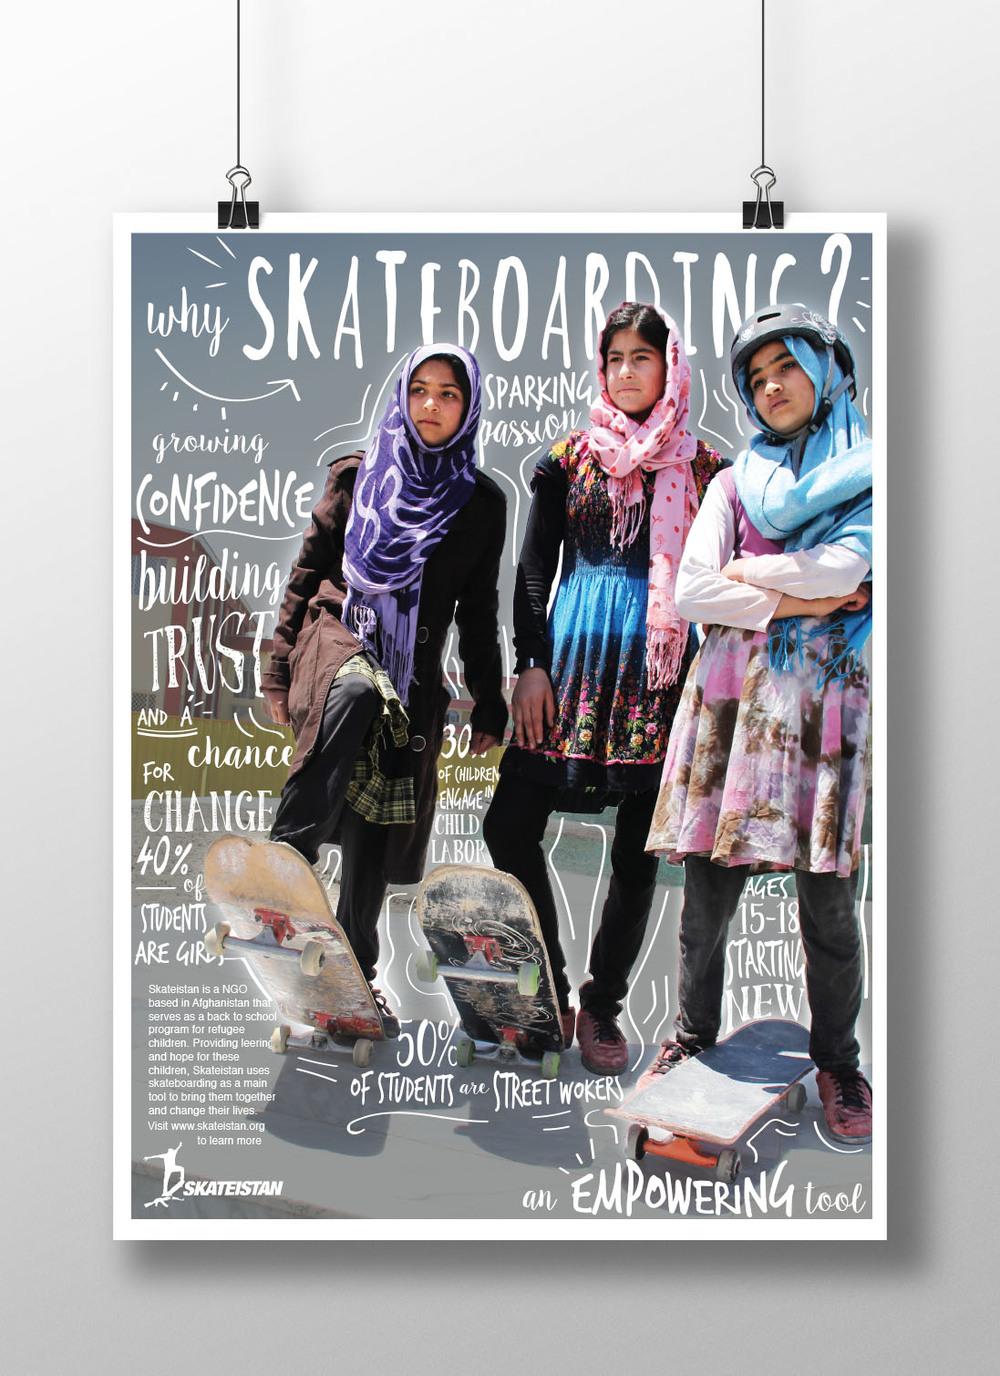 poster_mockup_MD copy.jpg